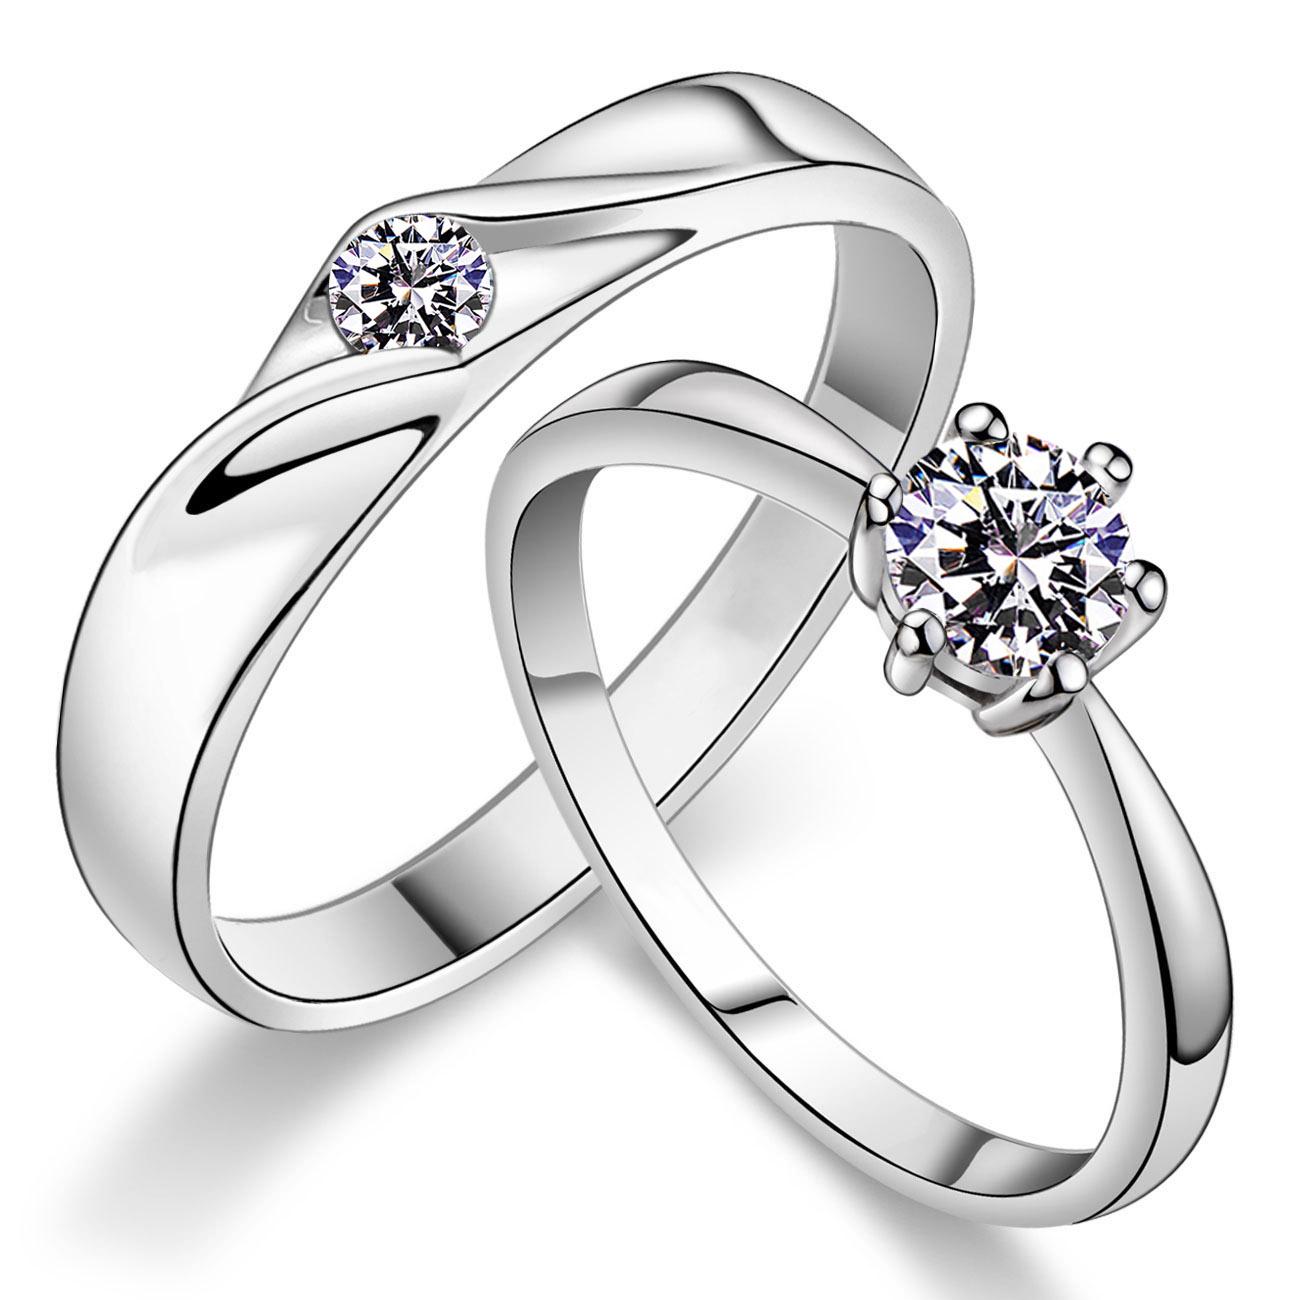 周生生男士铂金戒指_周生生 情侣对戒 PT950铂金 钻石戒指 男女士结婚戒子 钻戒带证书